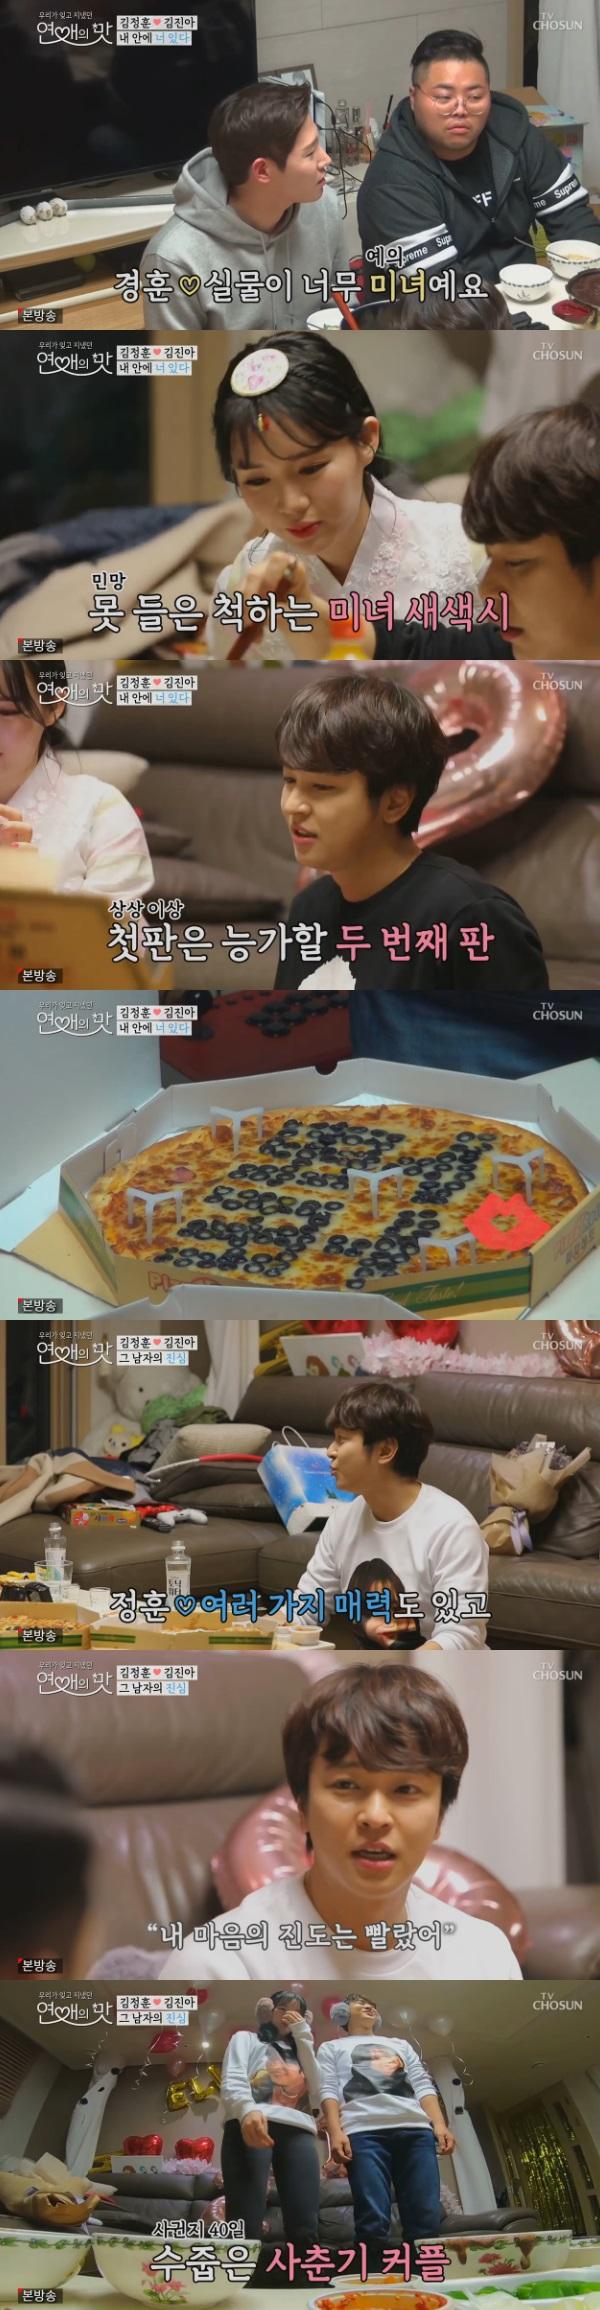 """[종합] '연애의 맛' 김정훈, ♥김진아 향한 묵직한 진심 """"지성+애교..."""